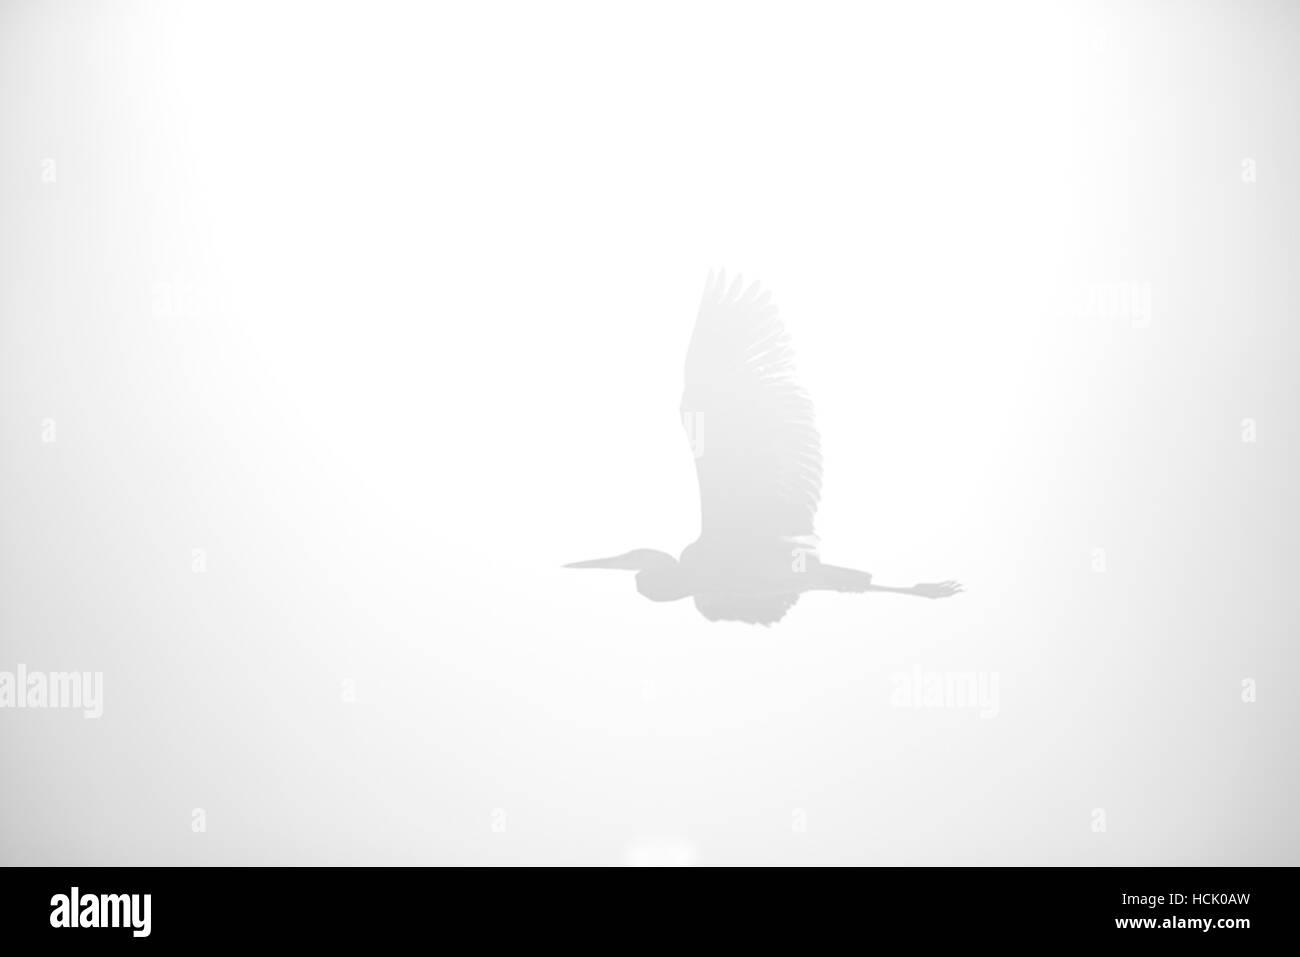 Ein ätherischer Blick auf einen großen Reiher fliegen mit Flügeln zu verbreiten. Stockbild